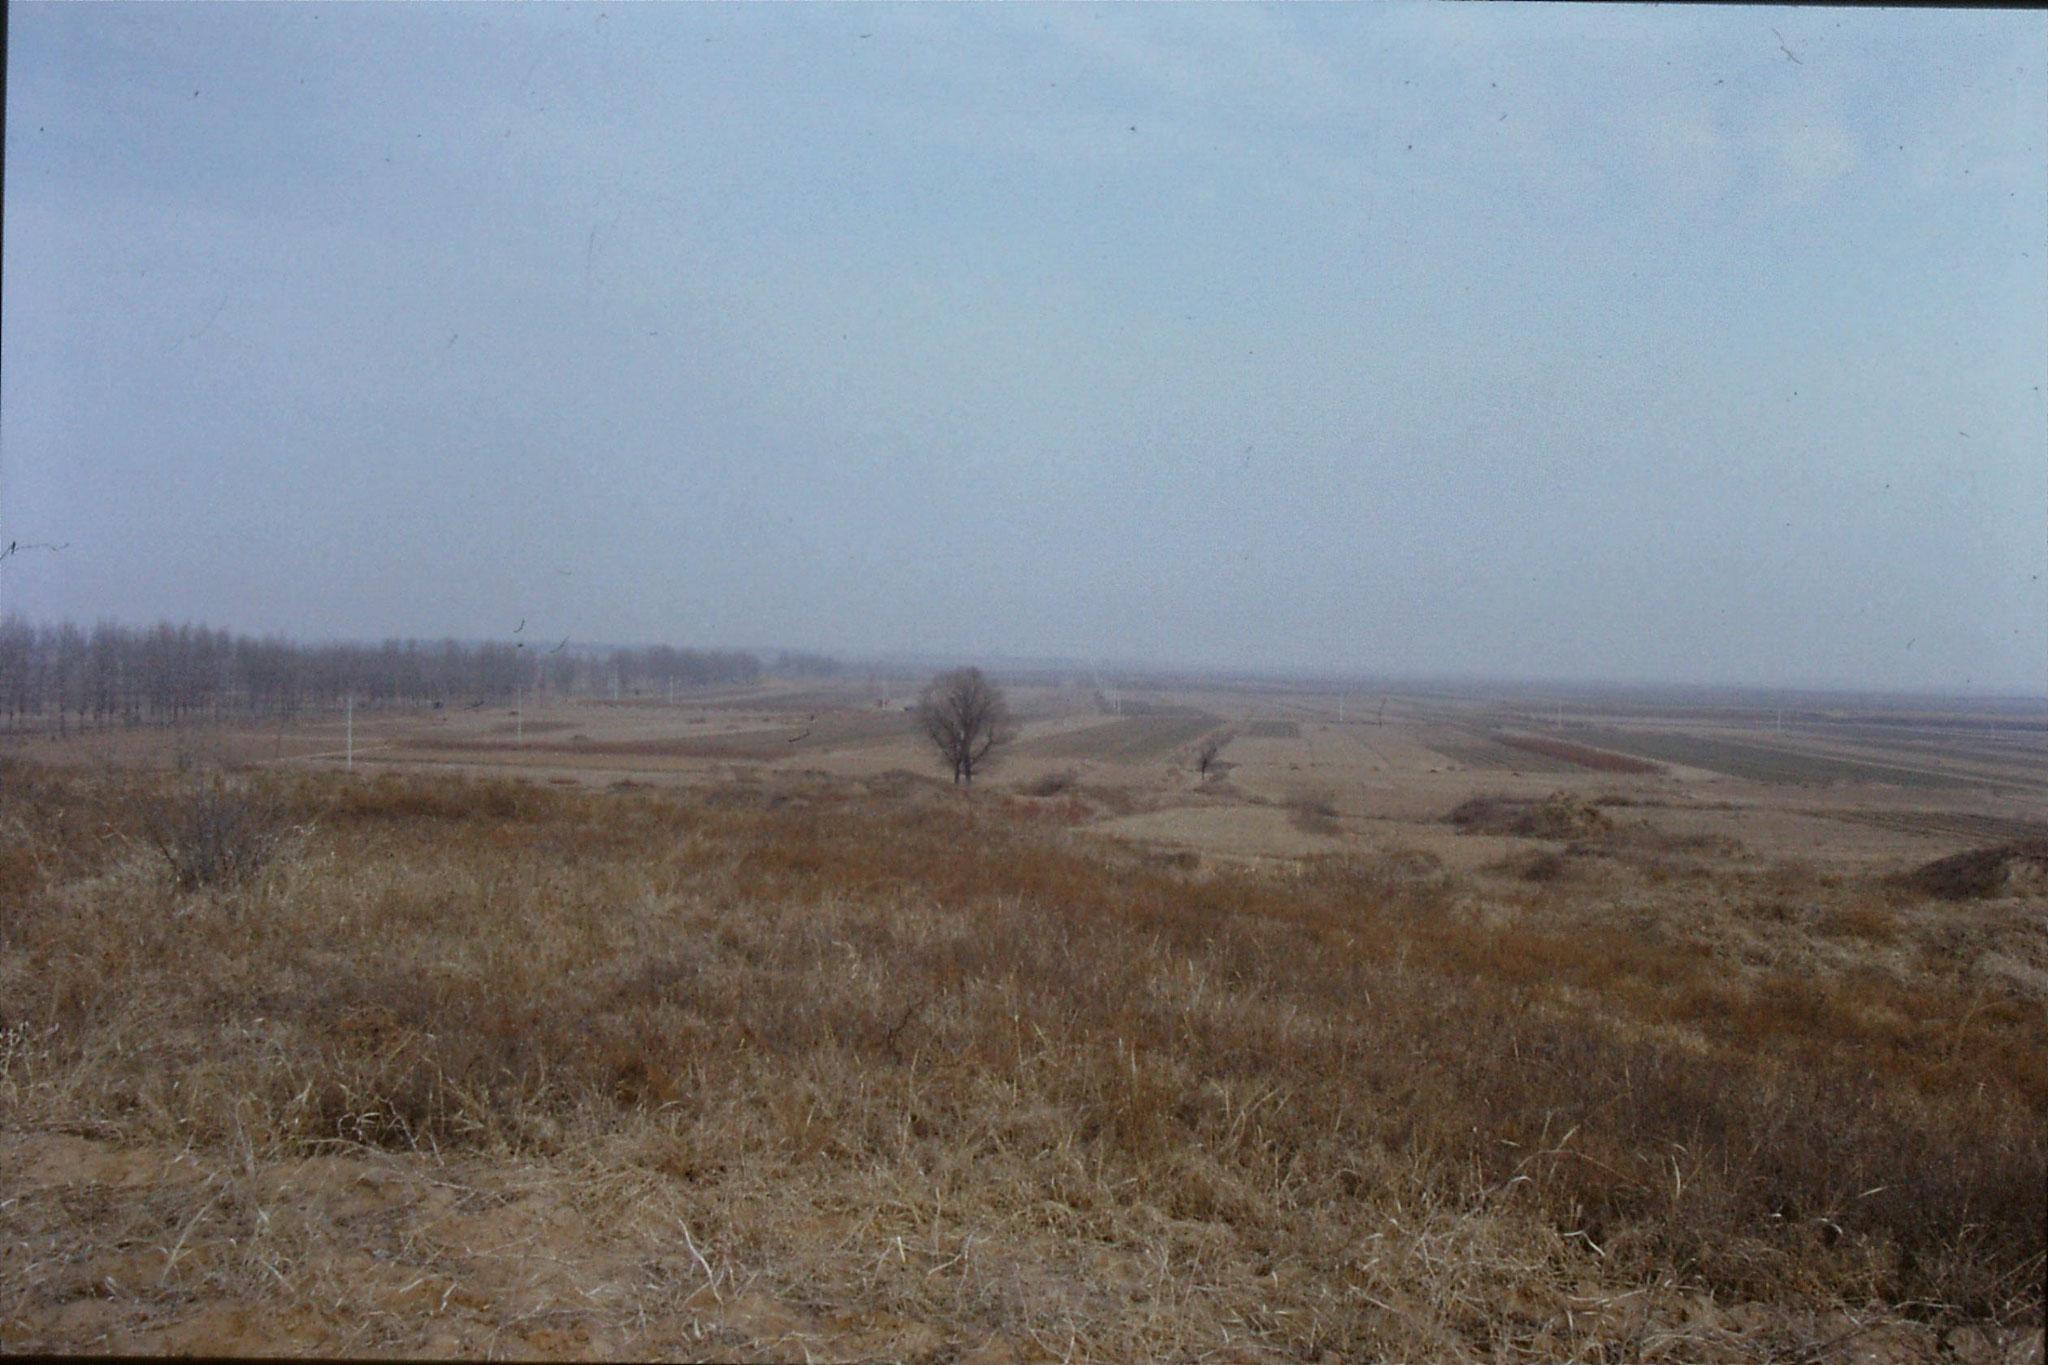 15/2/1989: 7: Liu Bo's village